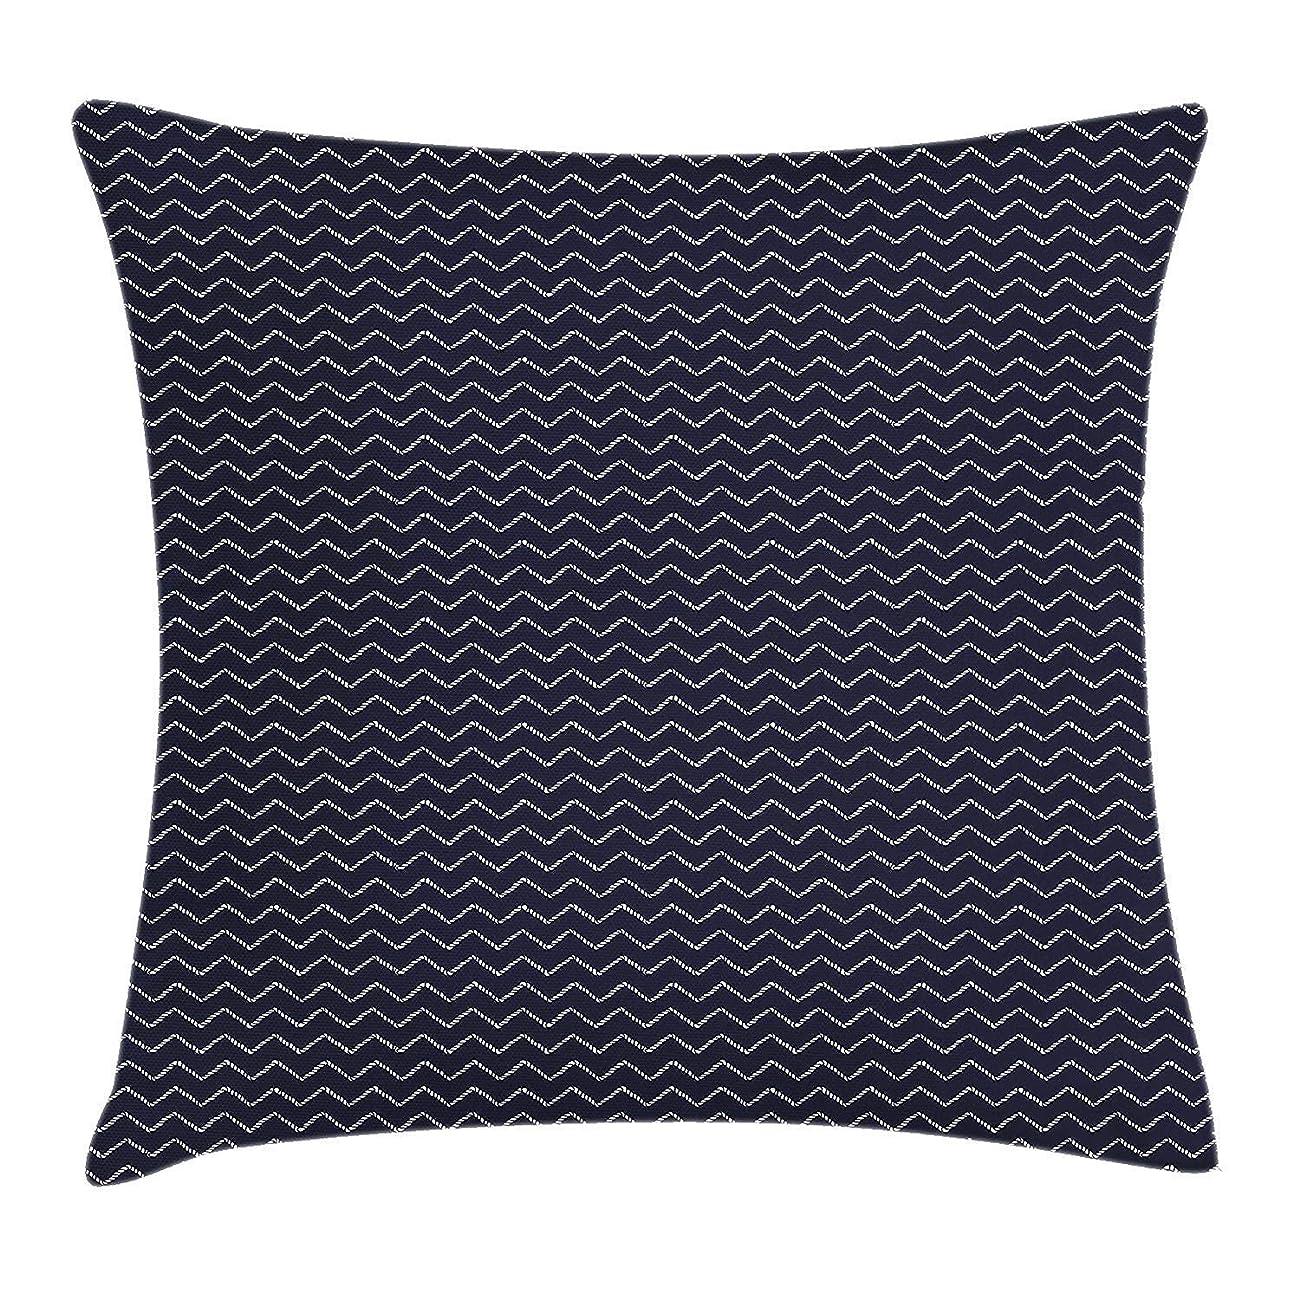 バイナリ記者むき出しNavy Blue Pillow case Chevron Zigzag Ropes Ornamental Arrangement Herringbone Pattern Illustration 18 X 18 inches